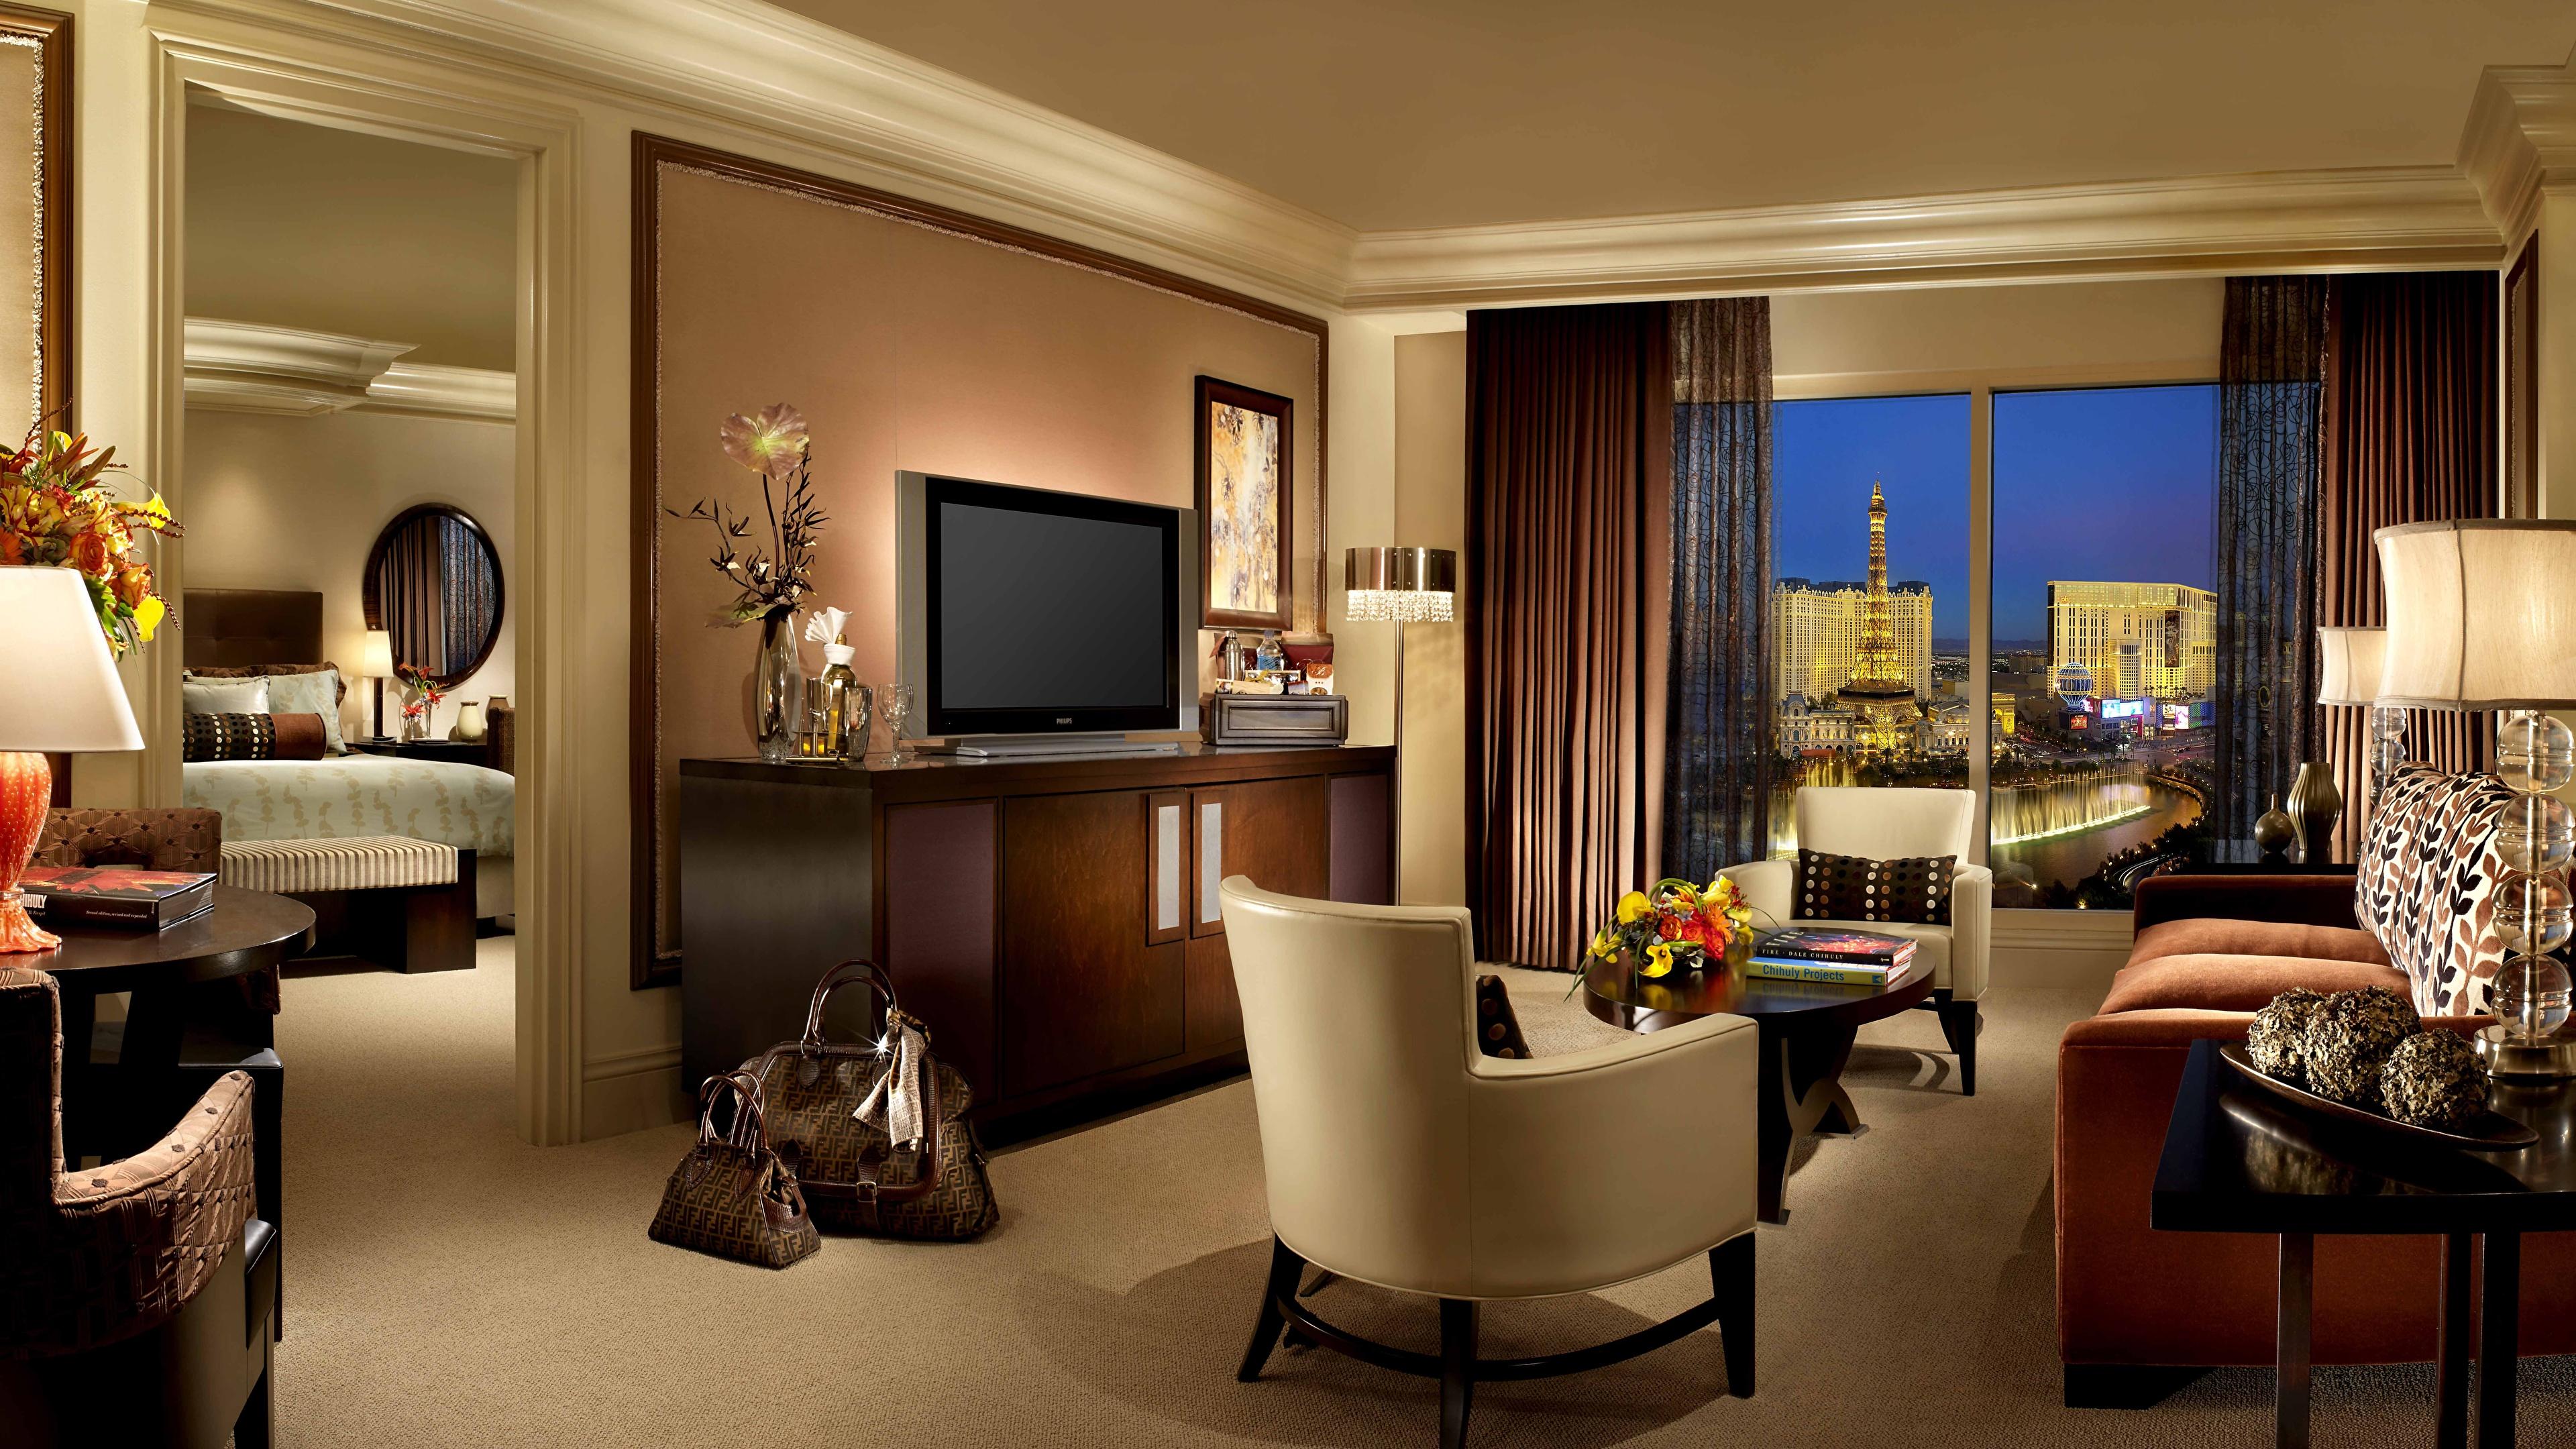 壁紙 3840x2160 インテリア 椅子 テレビ 居間 部屋 ホテル